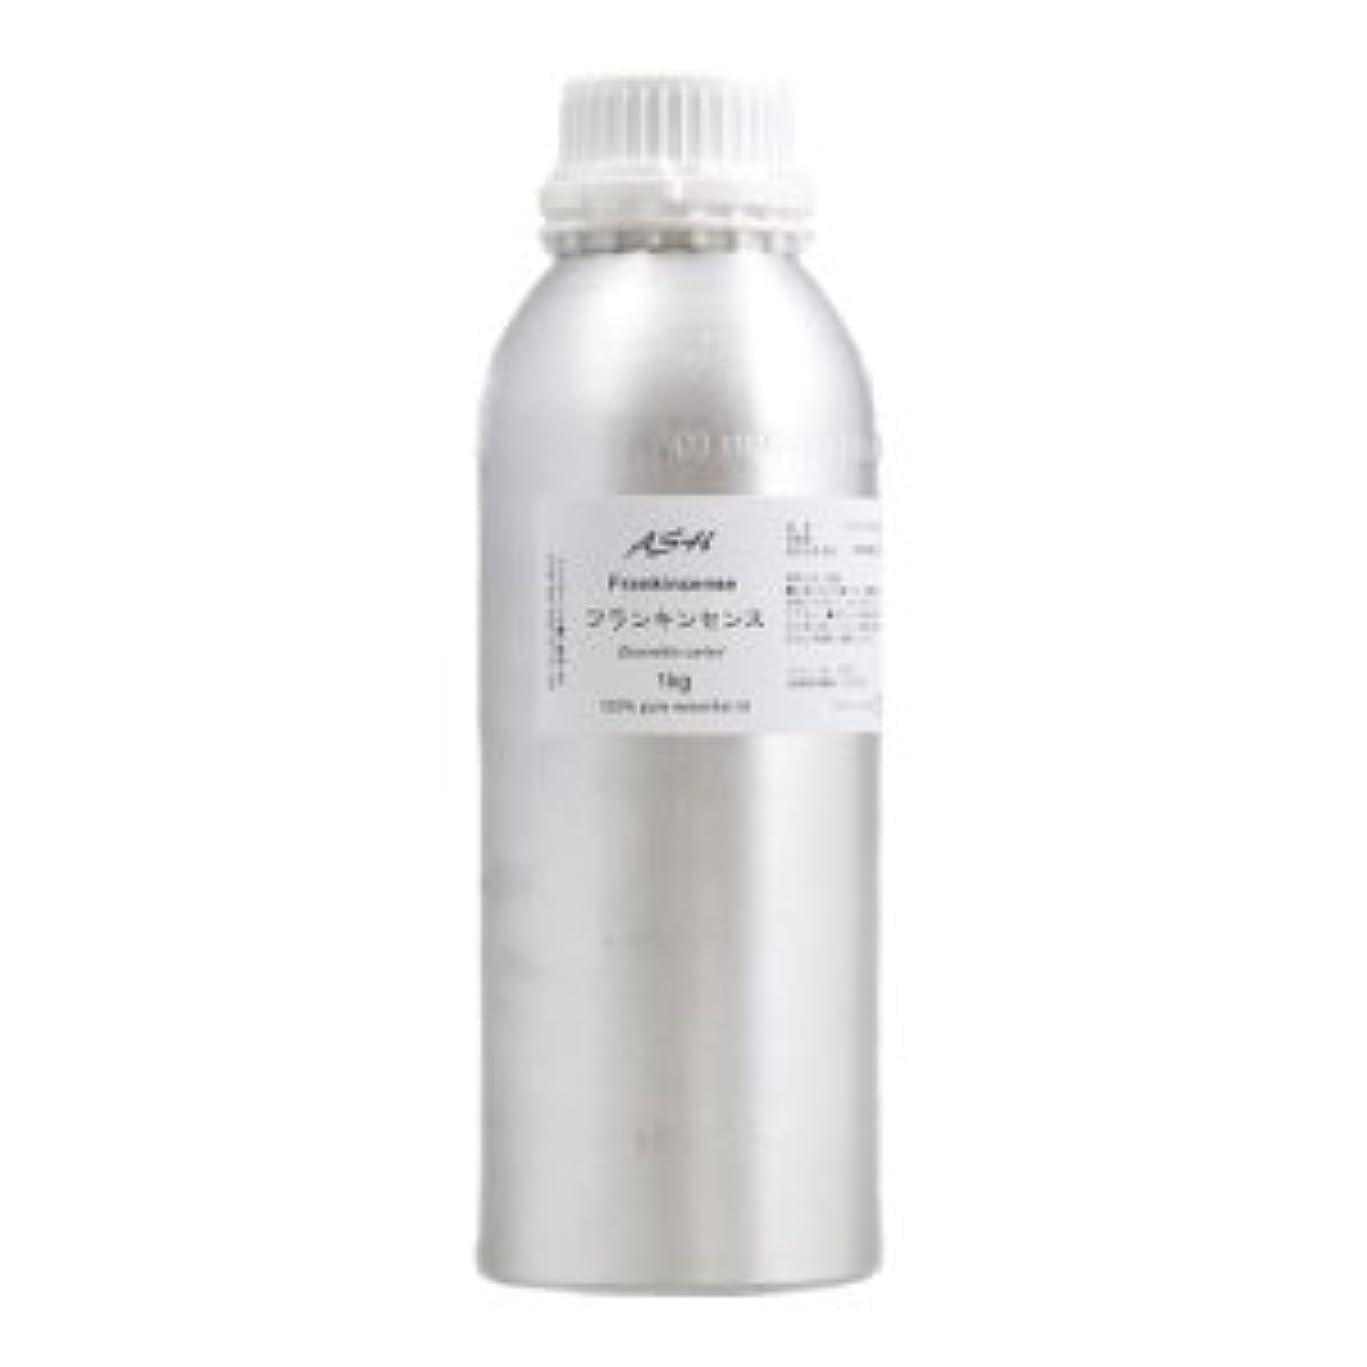 マルコポーロサンダース敵意ASH フランキンセンス エッセンシャルオイル 業務用1kg AEAJ表示基準適合認定精油